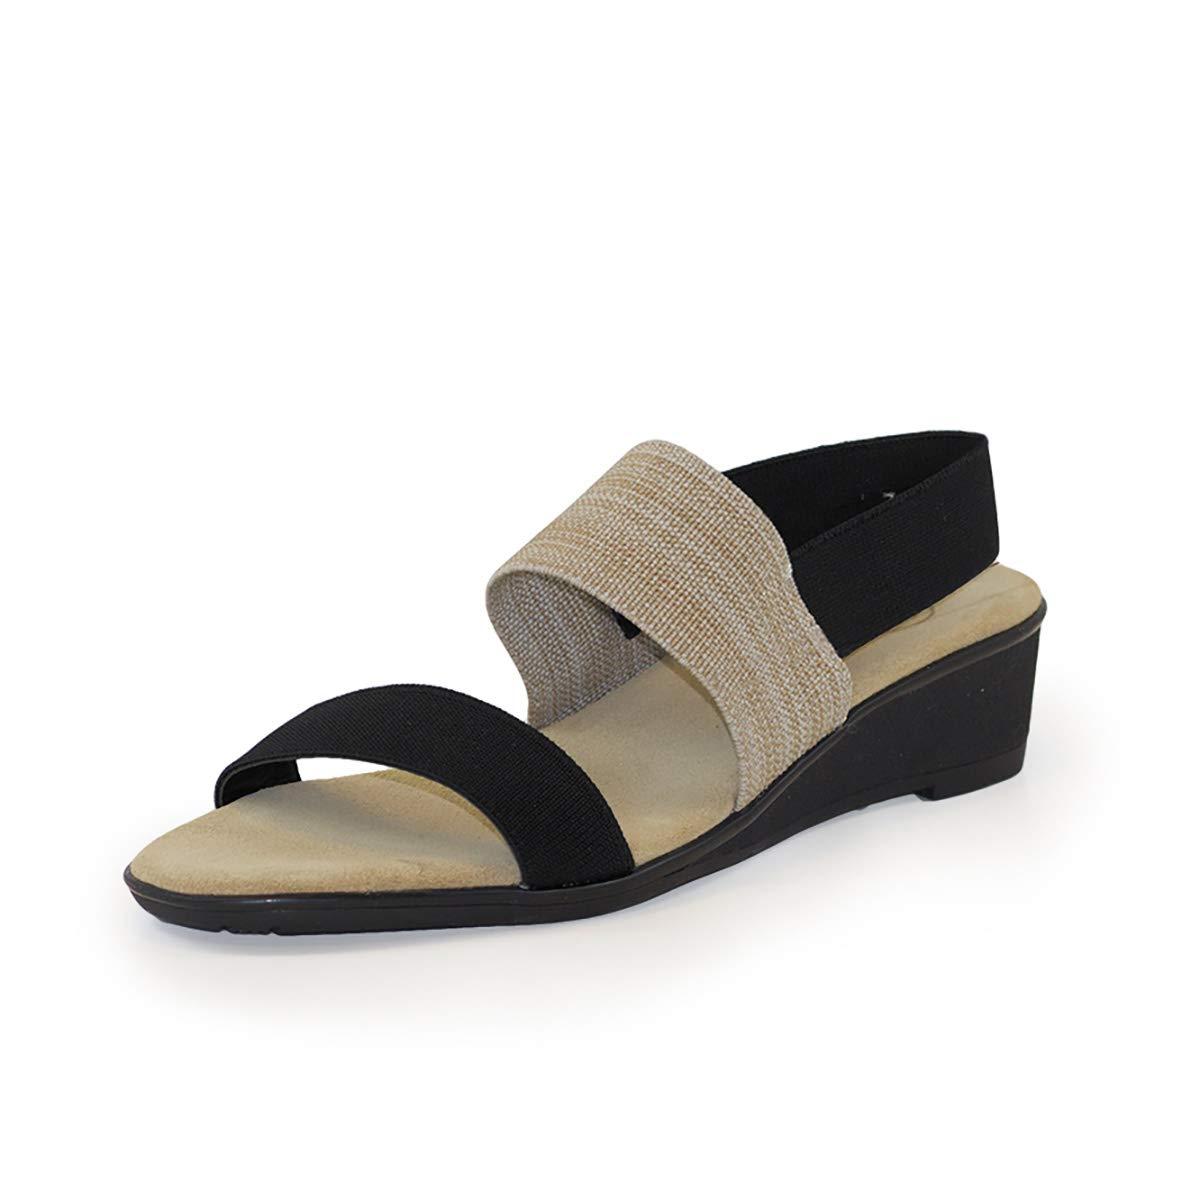 Hampton Cork Wedge Sandal - Black/Linen - Size 8 - by Charleston Shoe Co. by Charleston Shoe Company